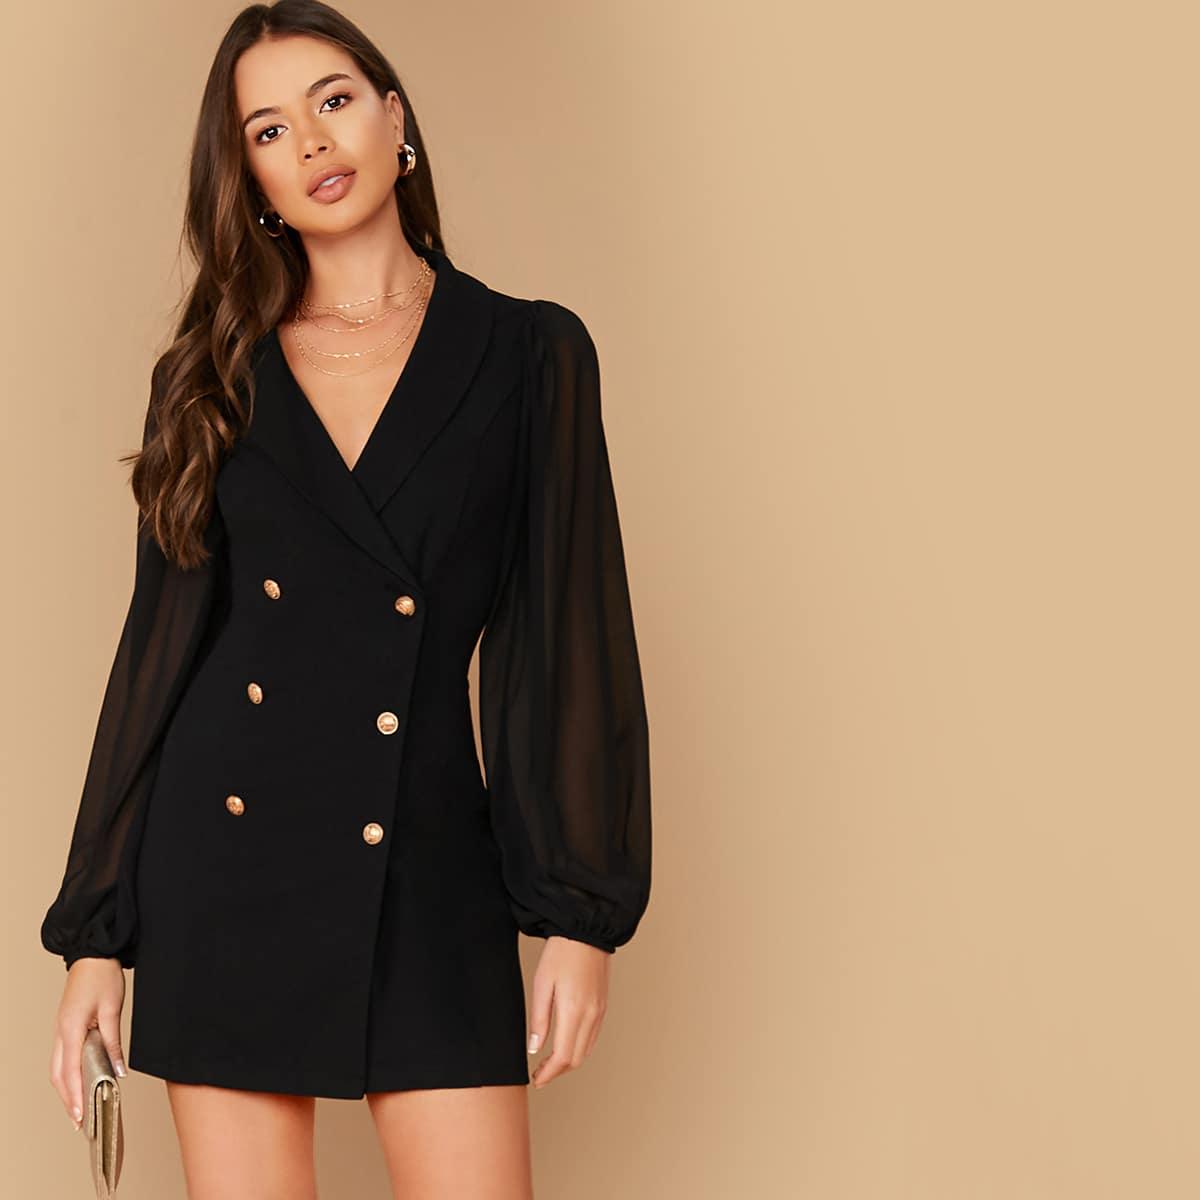 Двубортное платье-пиджак с прозрачным рукавом от SHEIN